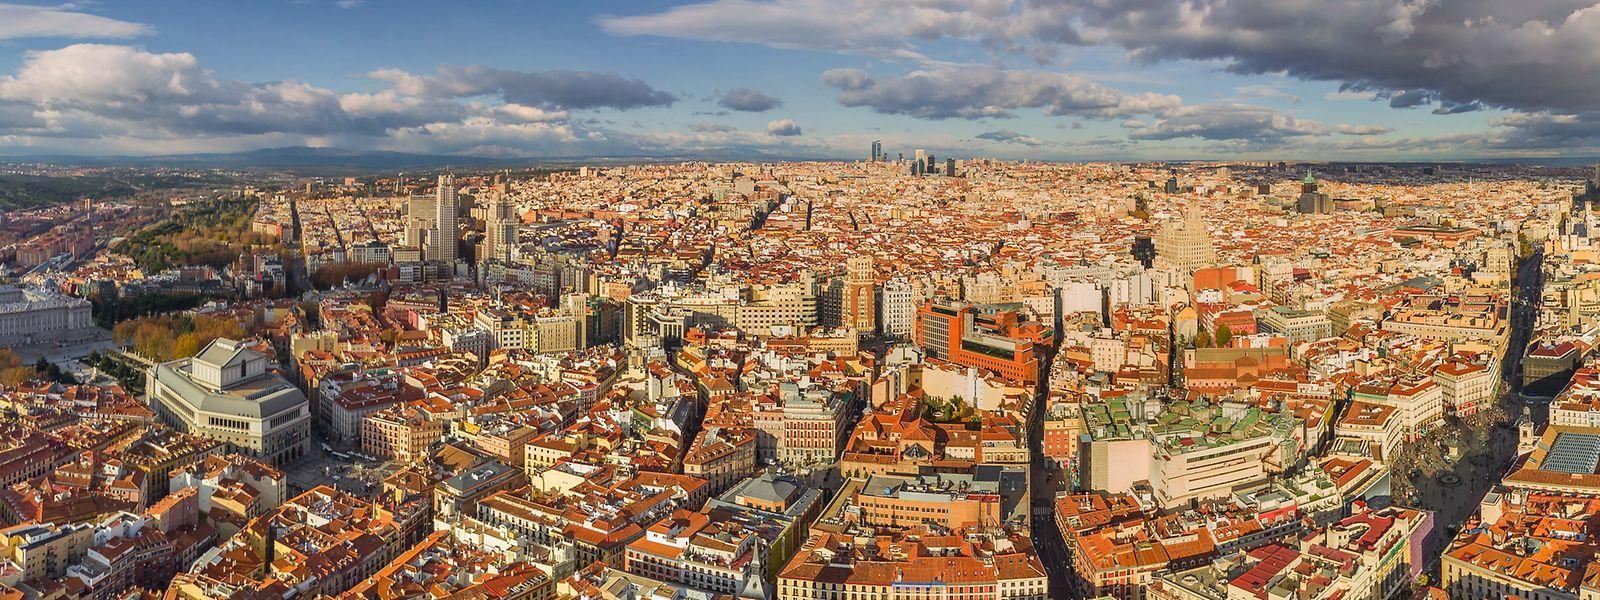 Die Weltklimakonferenz findet vom 2. bis 13. Dezember in Madrid statt.